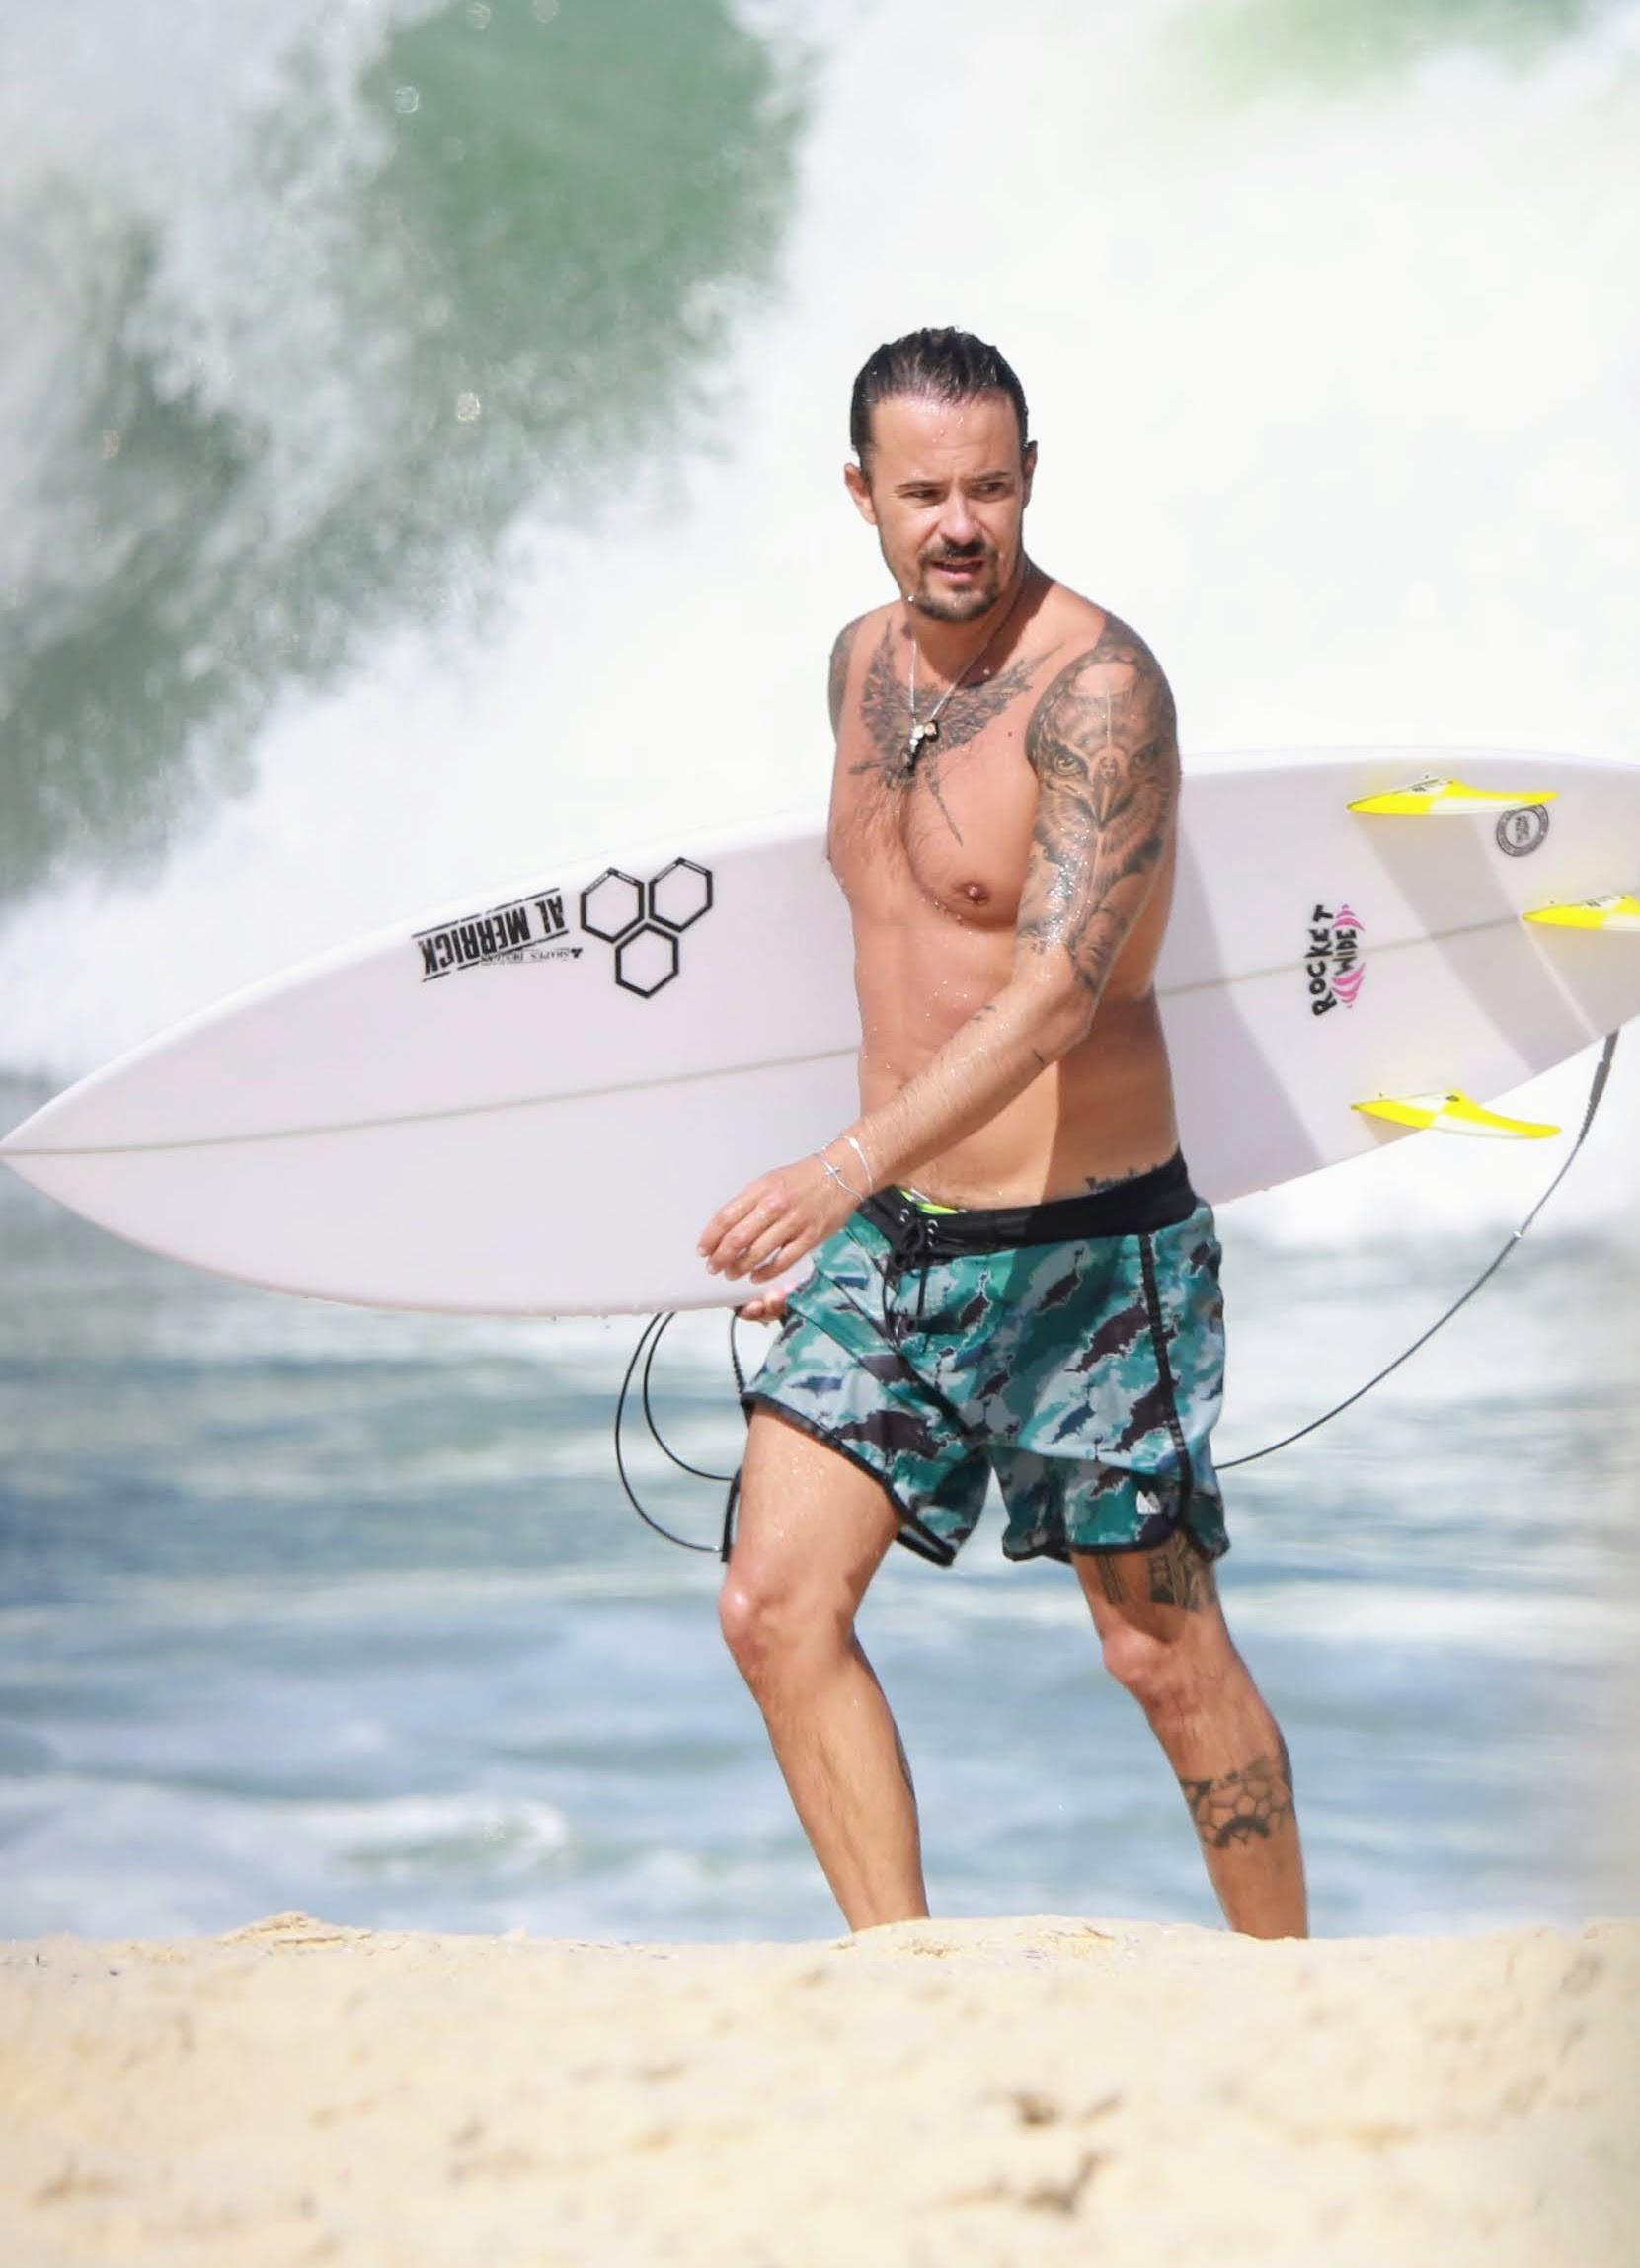 Paulinho Vilhena descumpre decreto e vai surfar no Rio de Janeiro